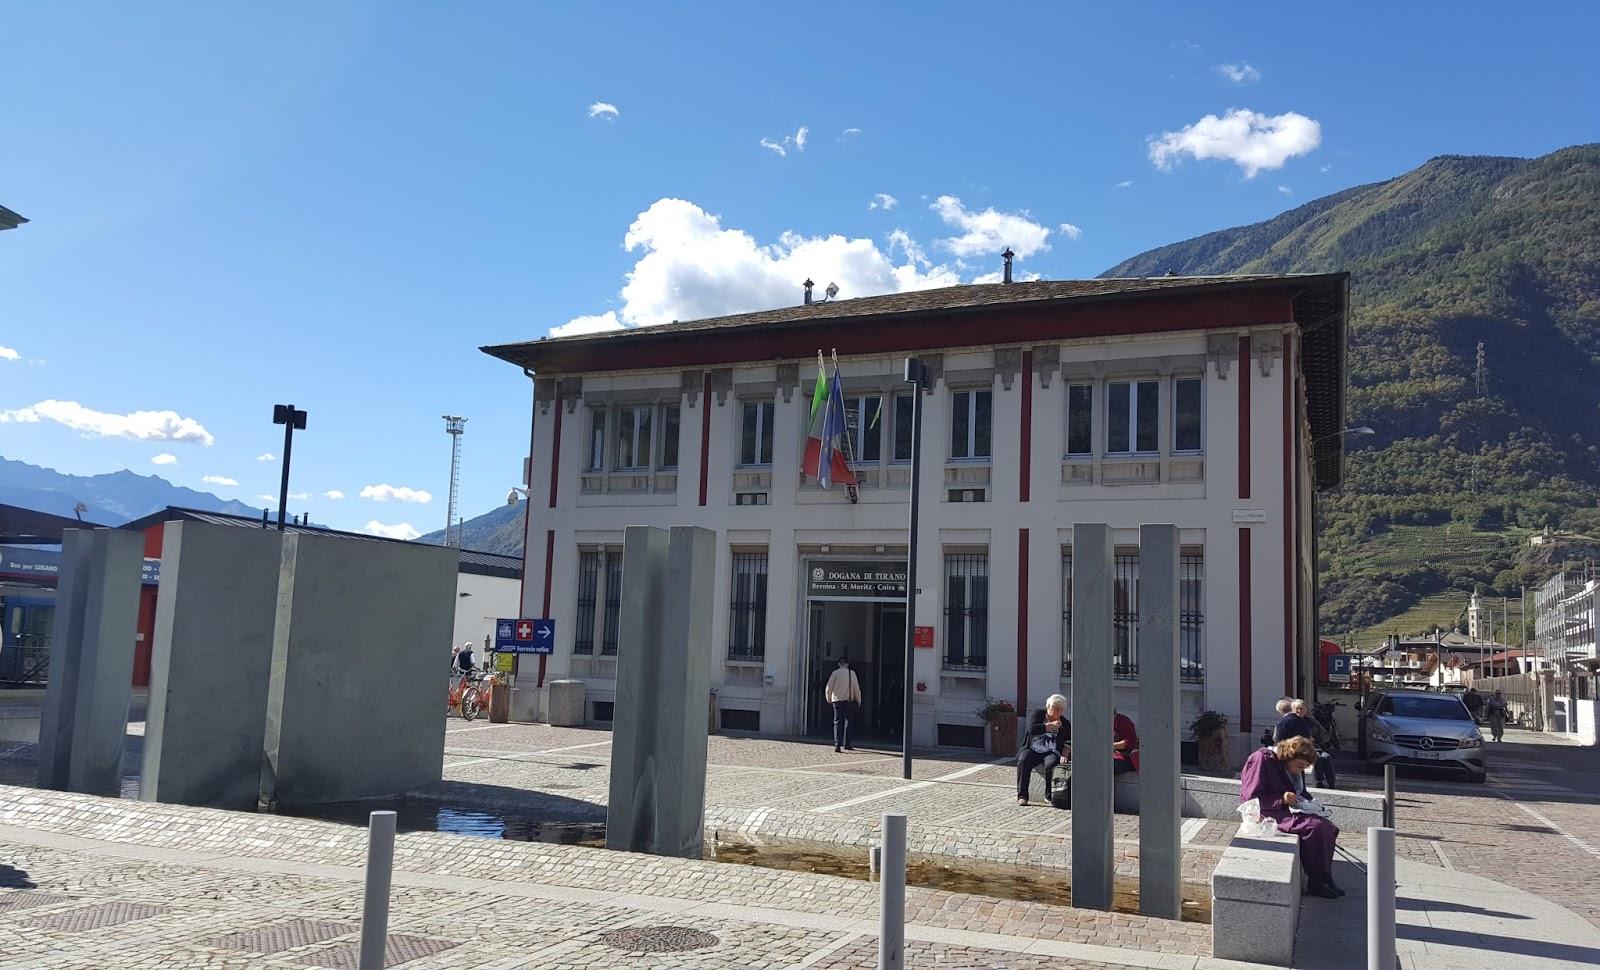 Estação de trem Bernina Express